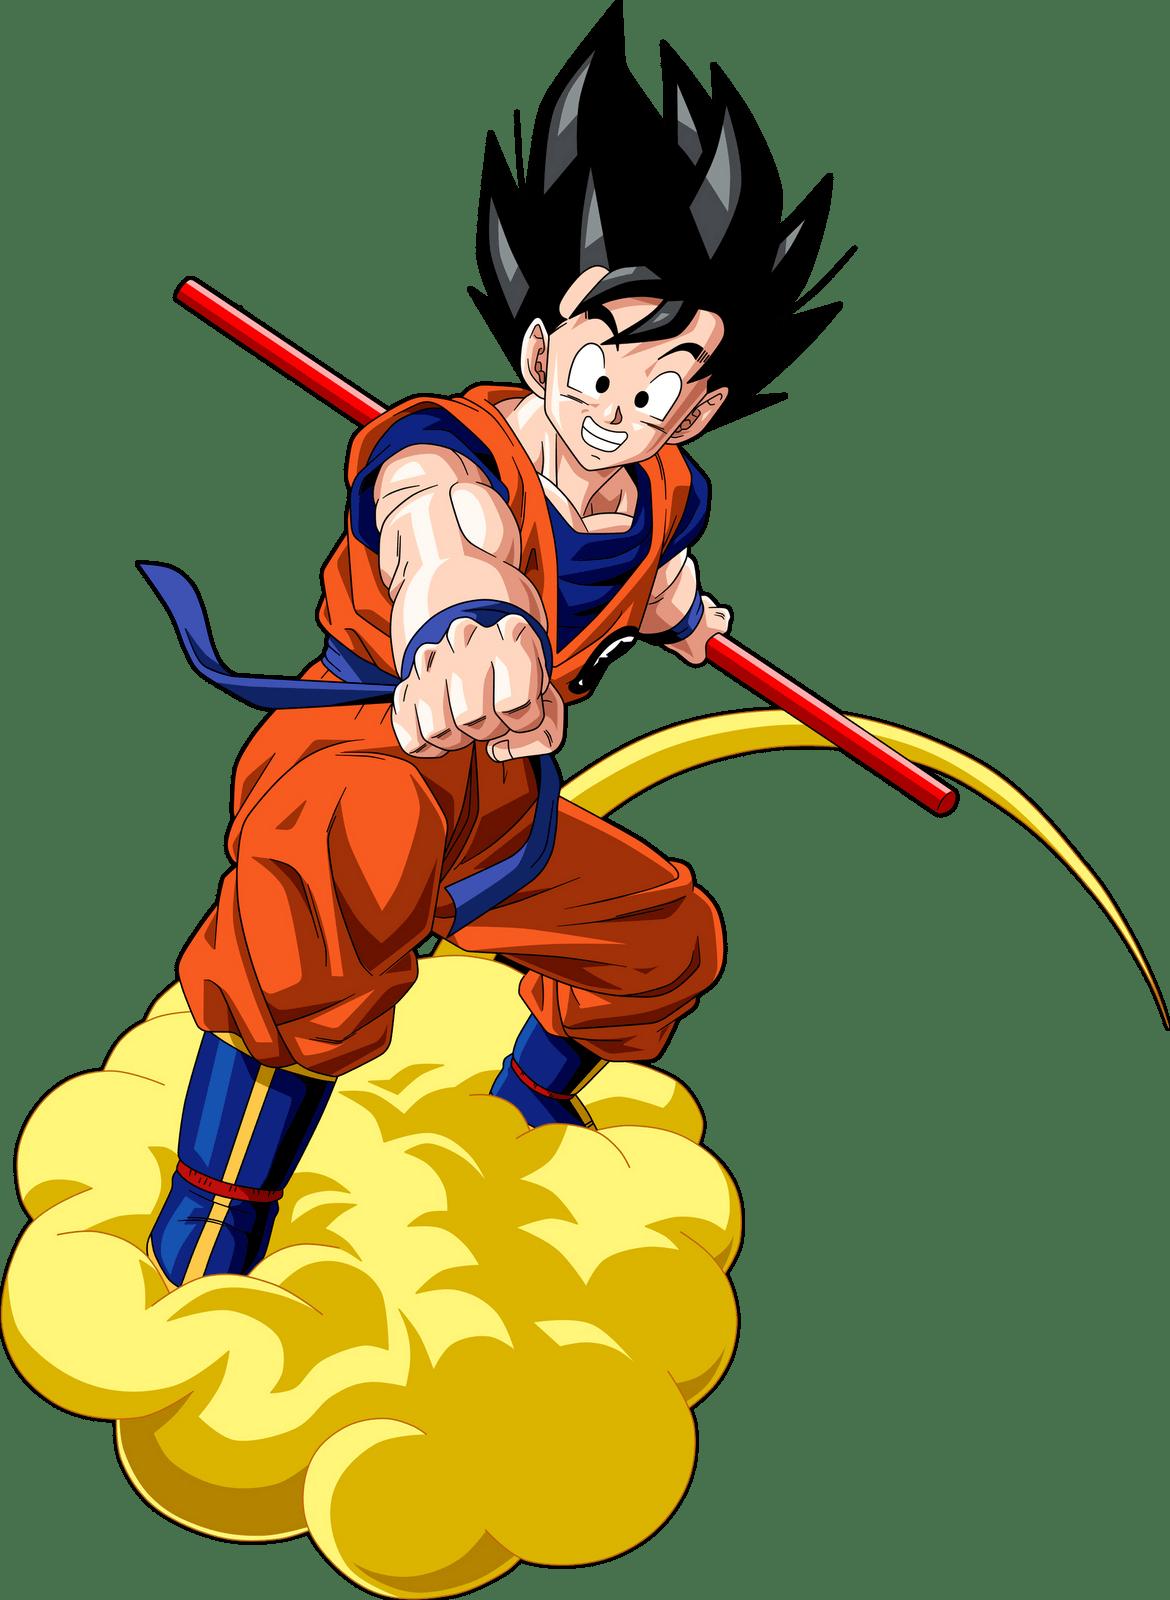 Goku In Der Wolke Transparent Png Stickpng Dragon Ball Goku Dragon Ball Super Manga Dragon Ball Super Goku